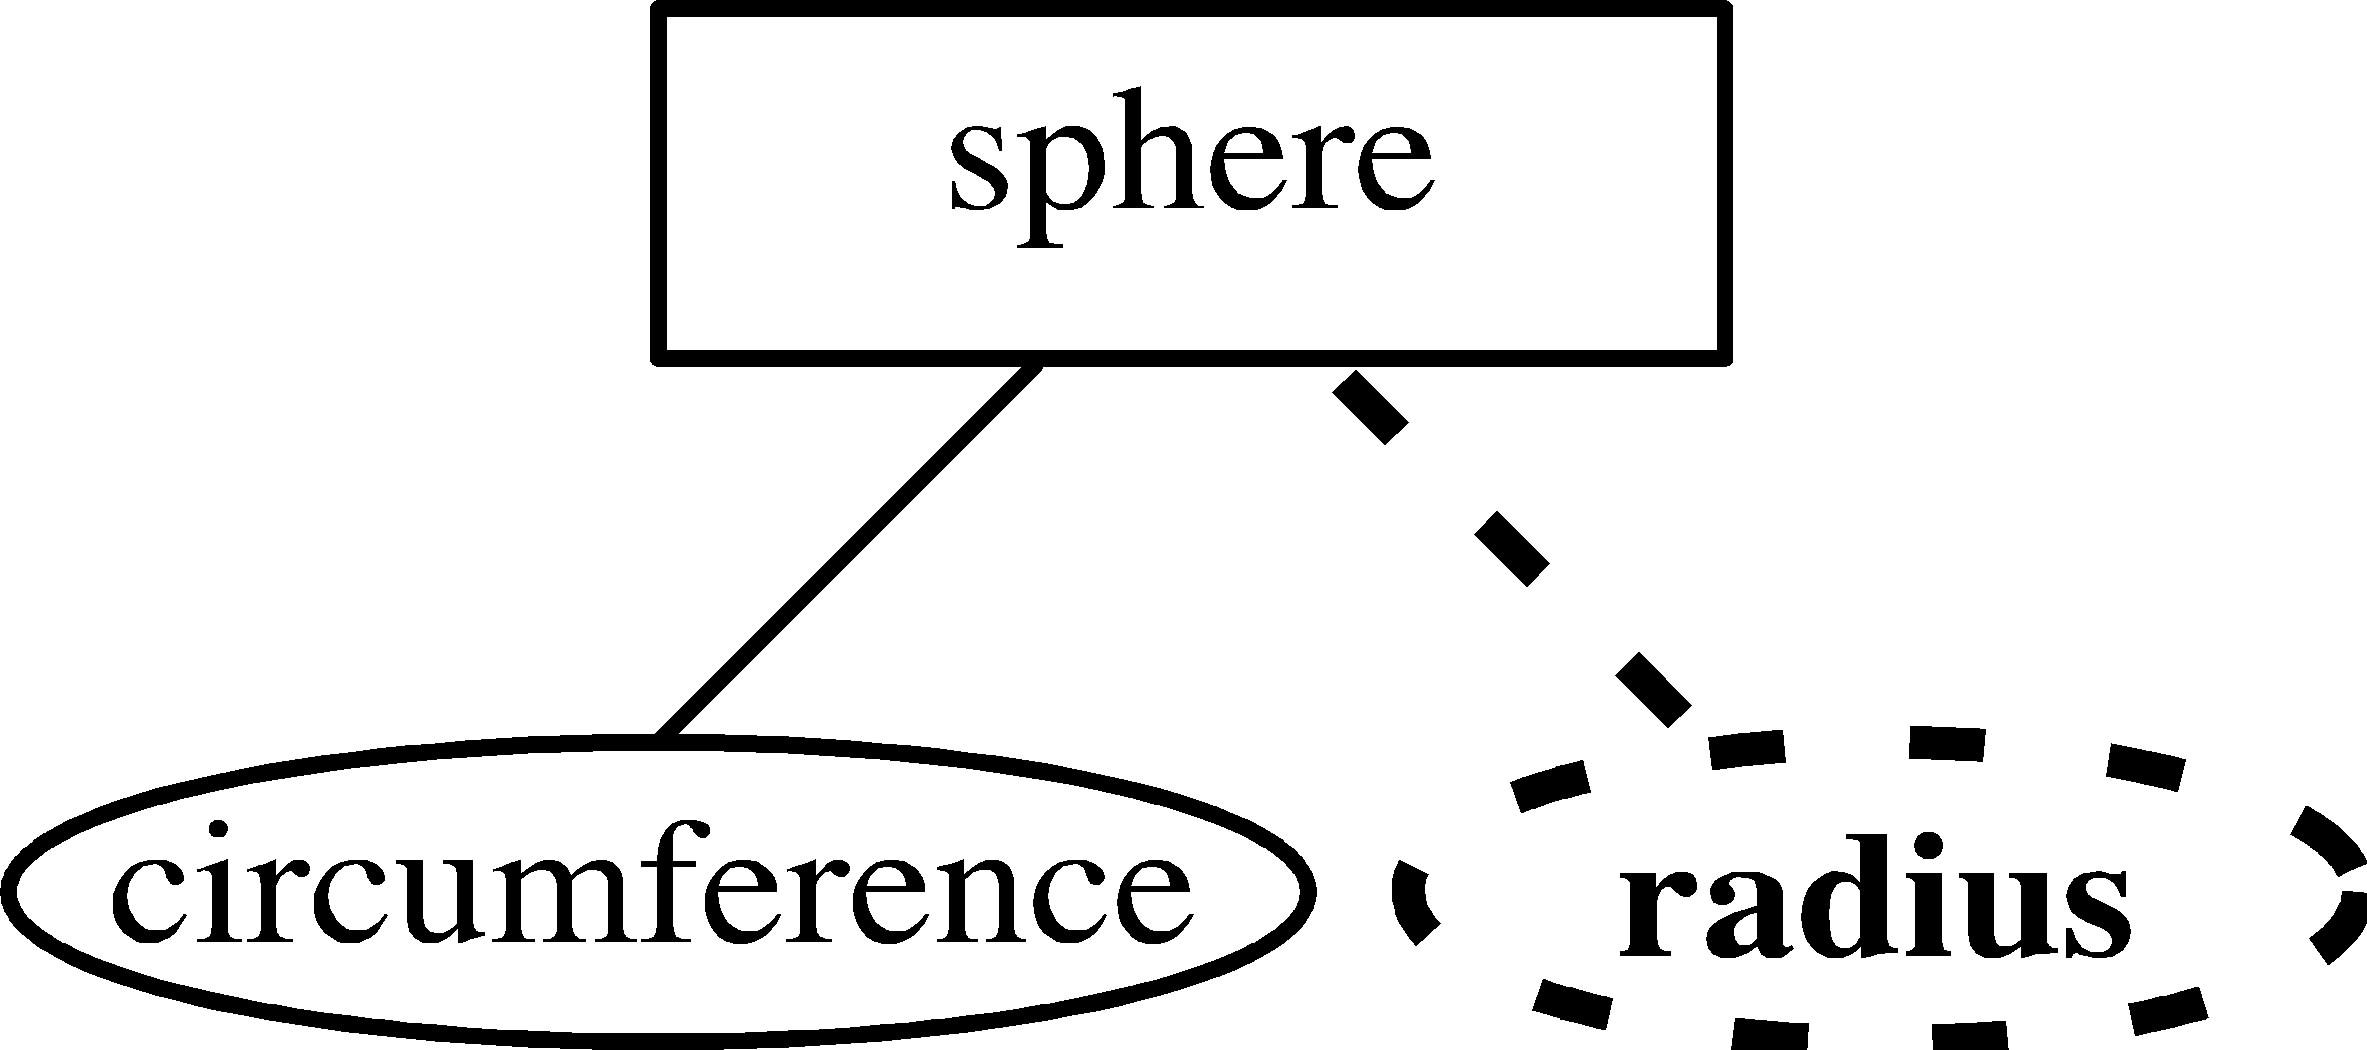 Entity-Relationship Model intended for Er Diagram Partial Key